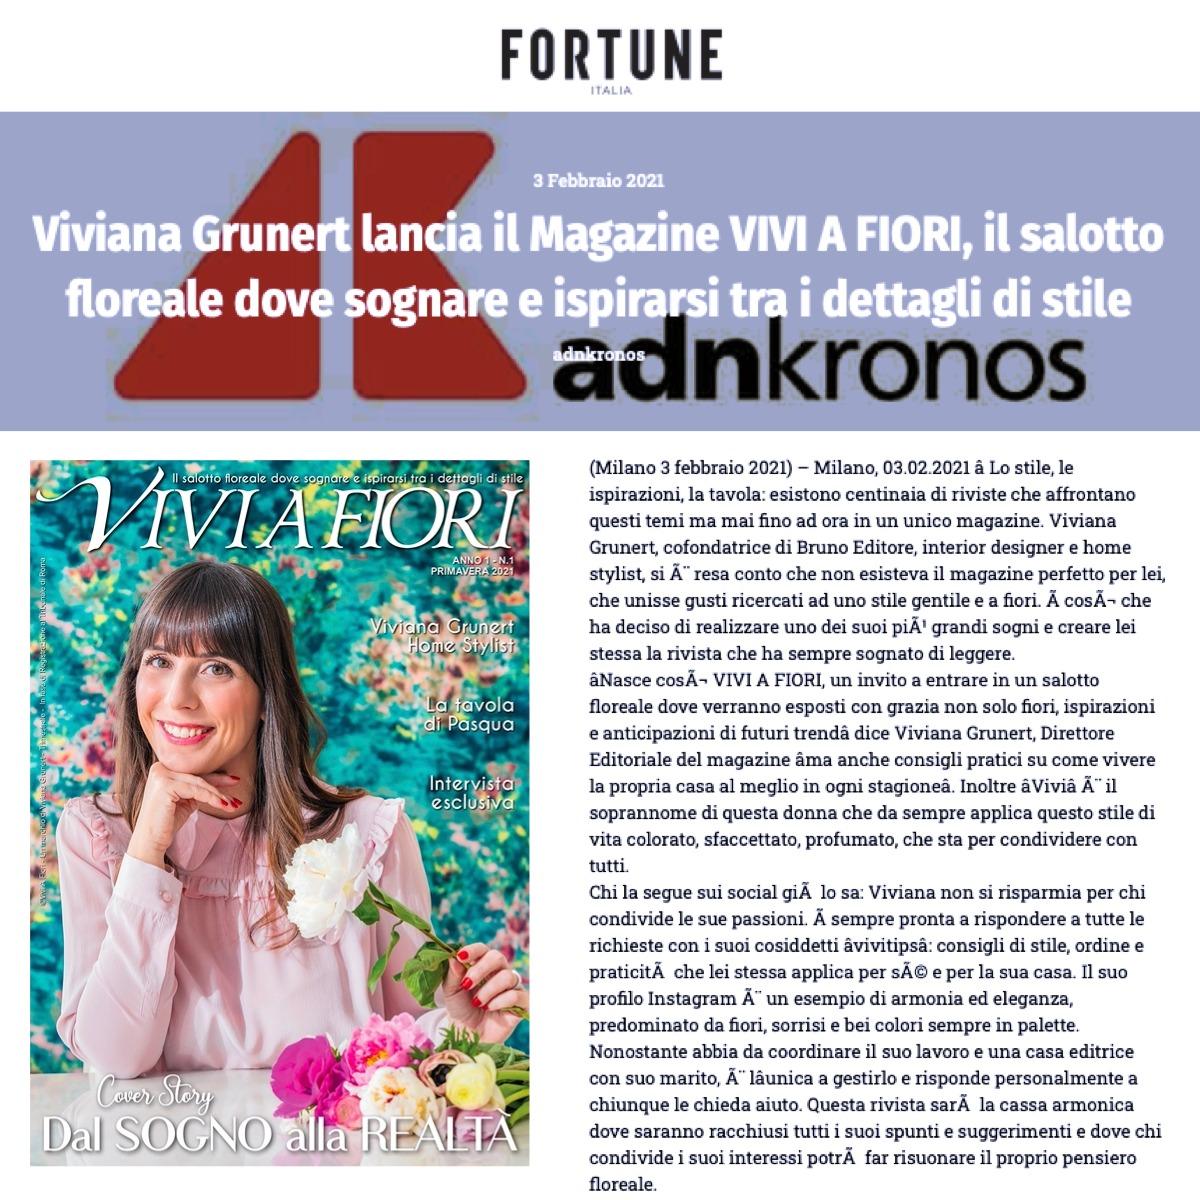 Viviana Grunert su FORTUNE-03.02.2021